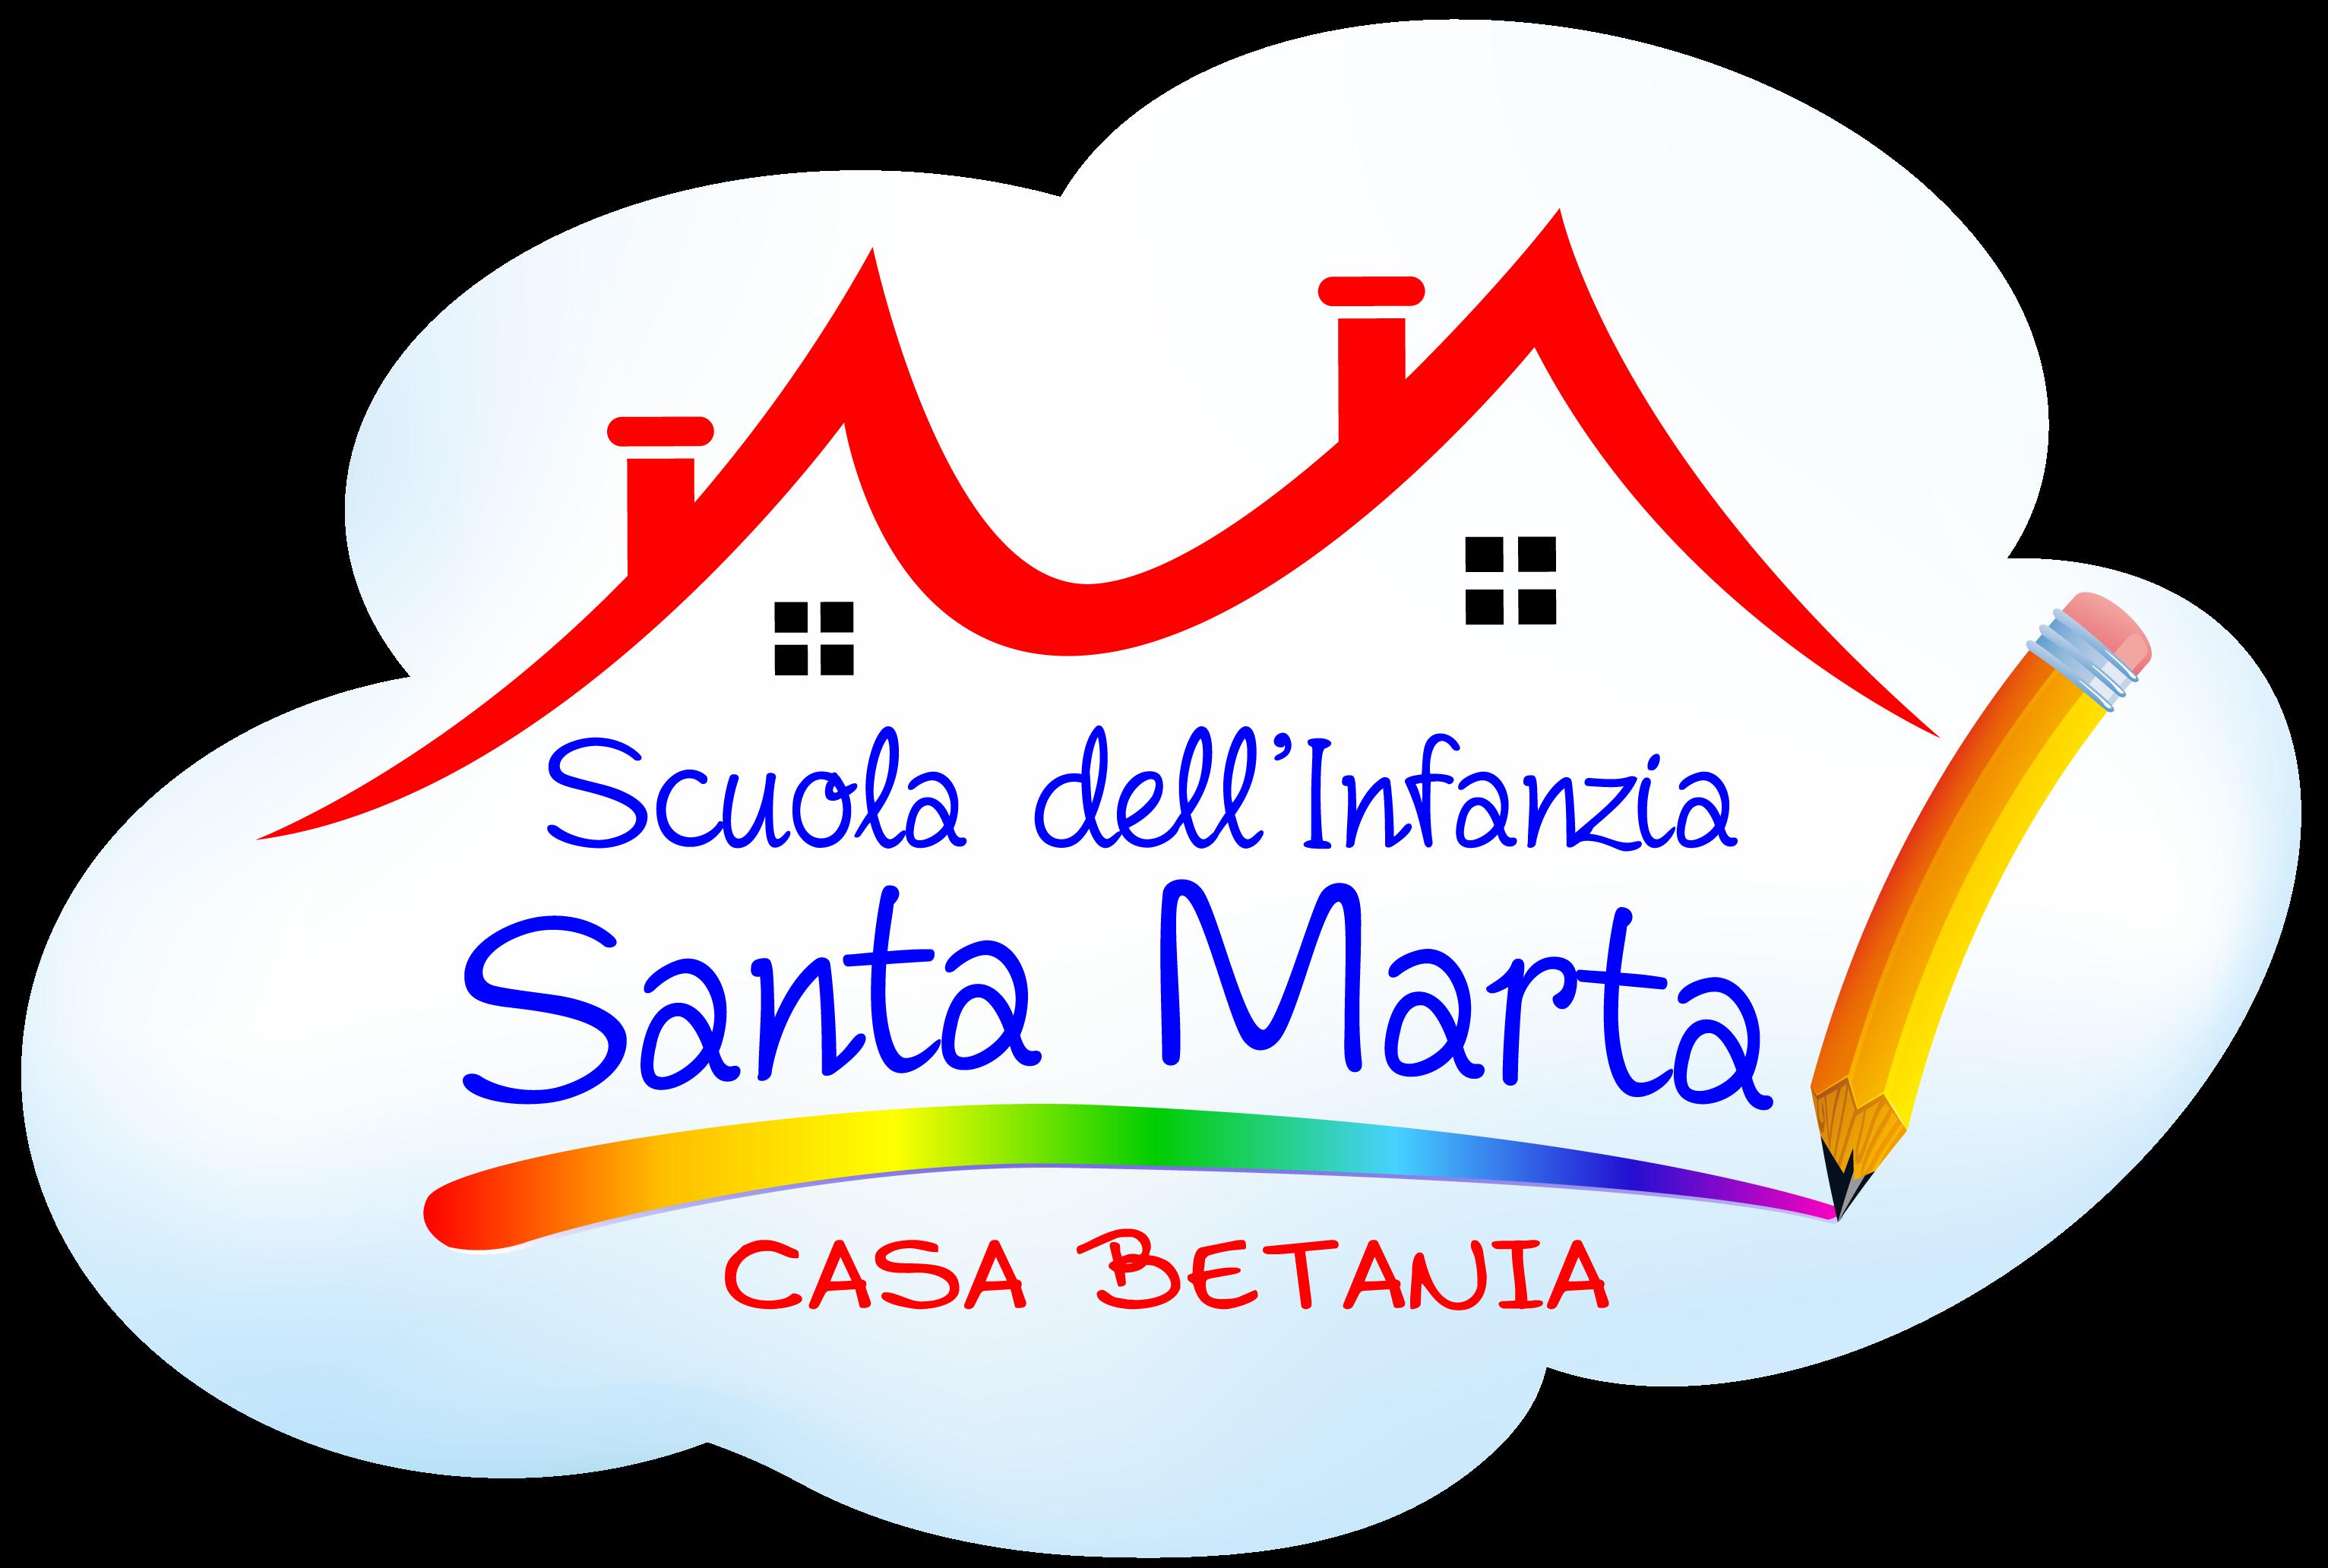 Scuola dell'Infanzia Santa Marta Velletri